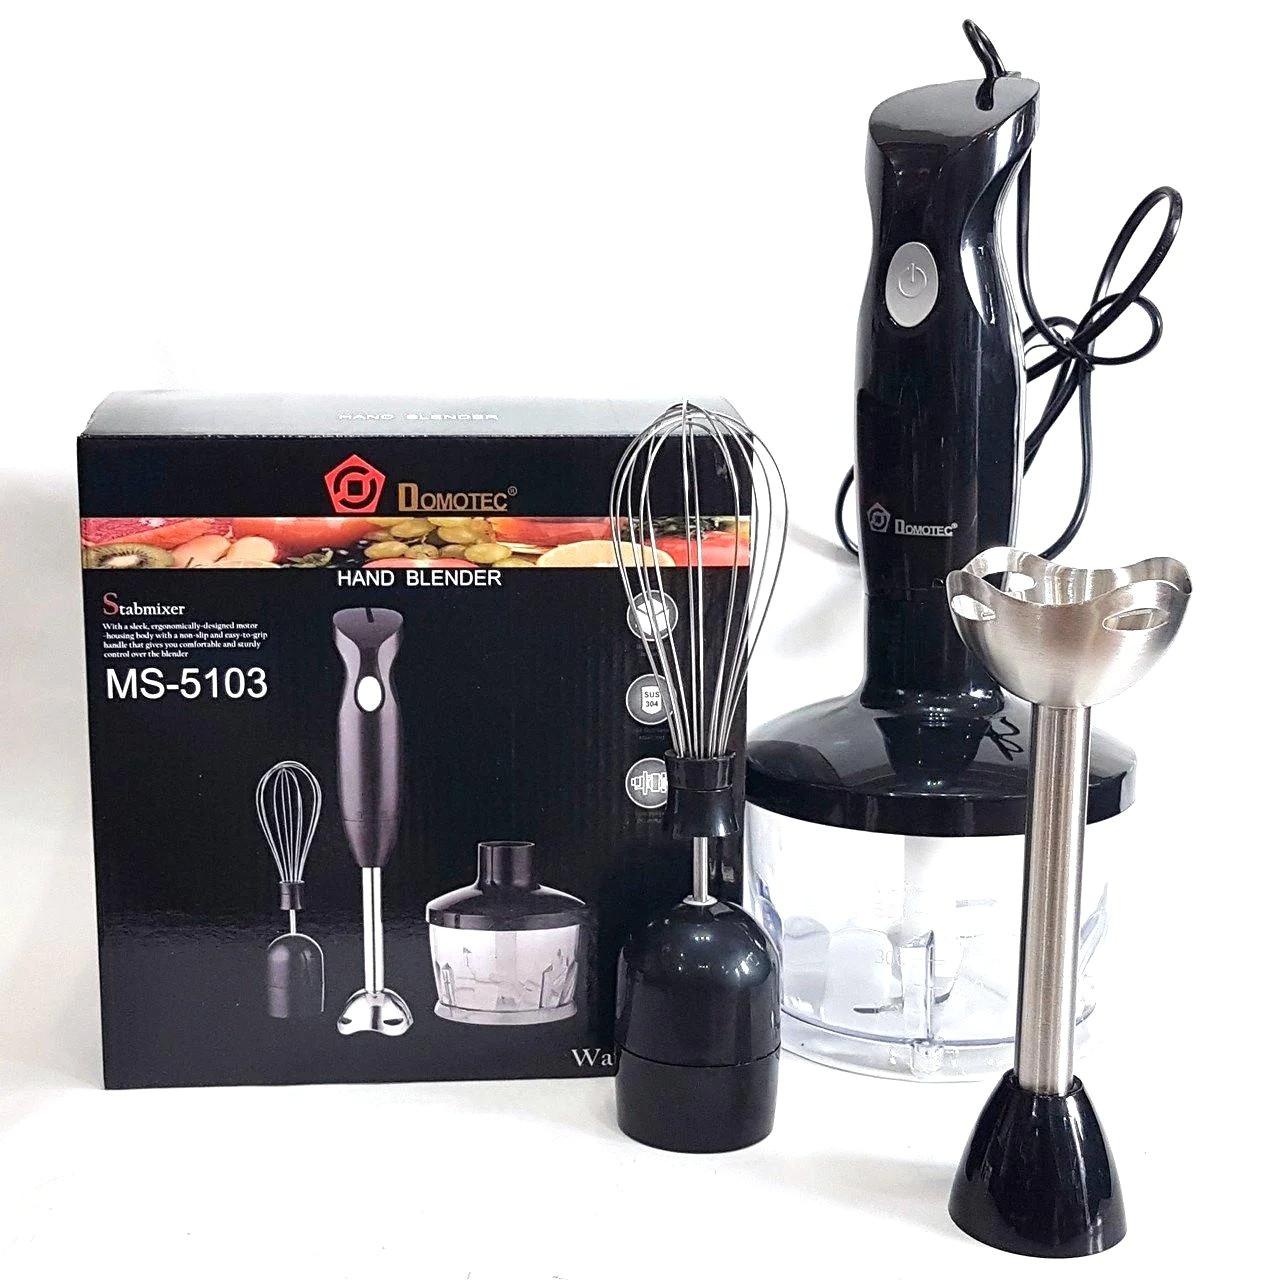 Блендер Domotec MS 5103 3в1 | Кухонный измельчитель | Шейкер | Пищевой экстрактор Домотек